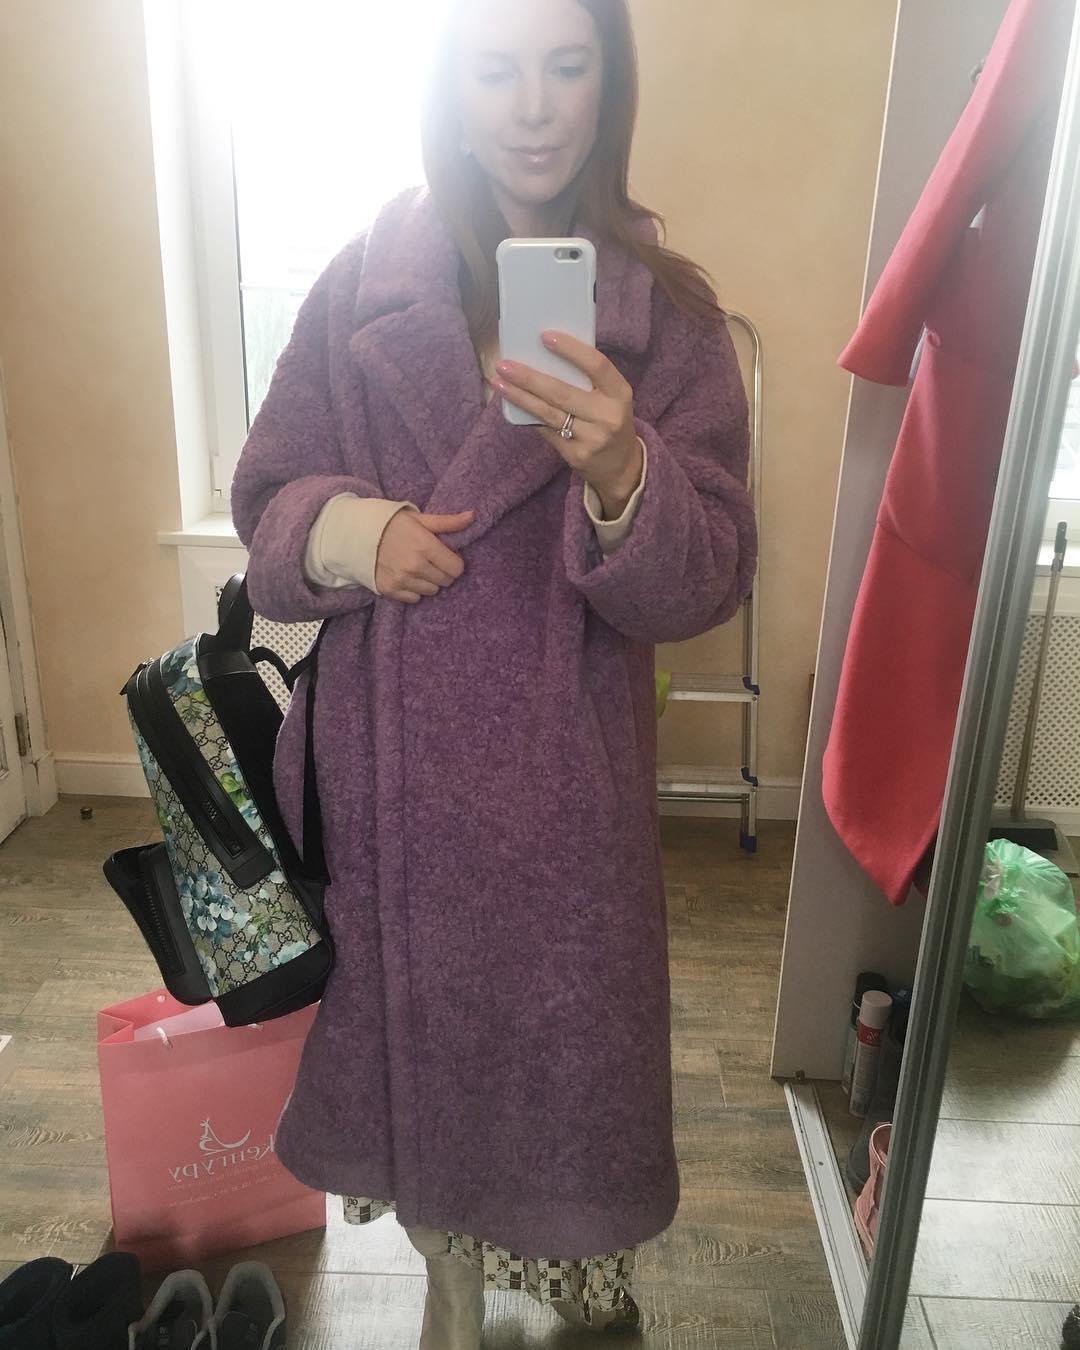 Поклонники безжалостно высмеяли новый наряд Подольской, заодно осудив ее за беспорядок в доме